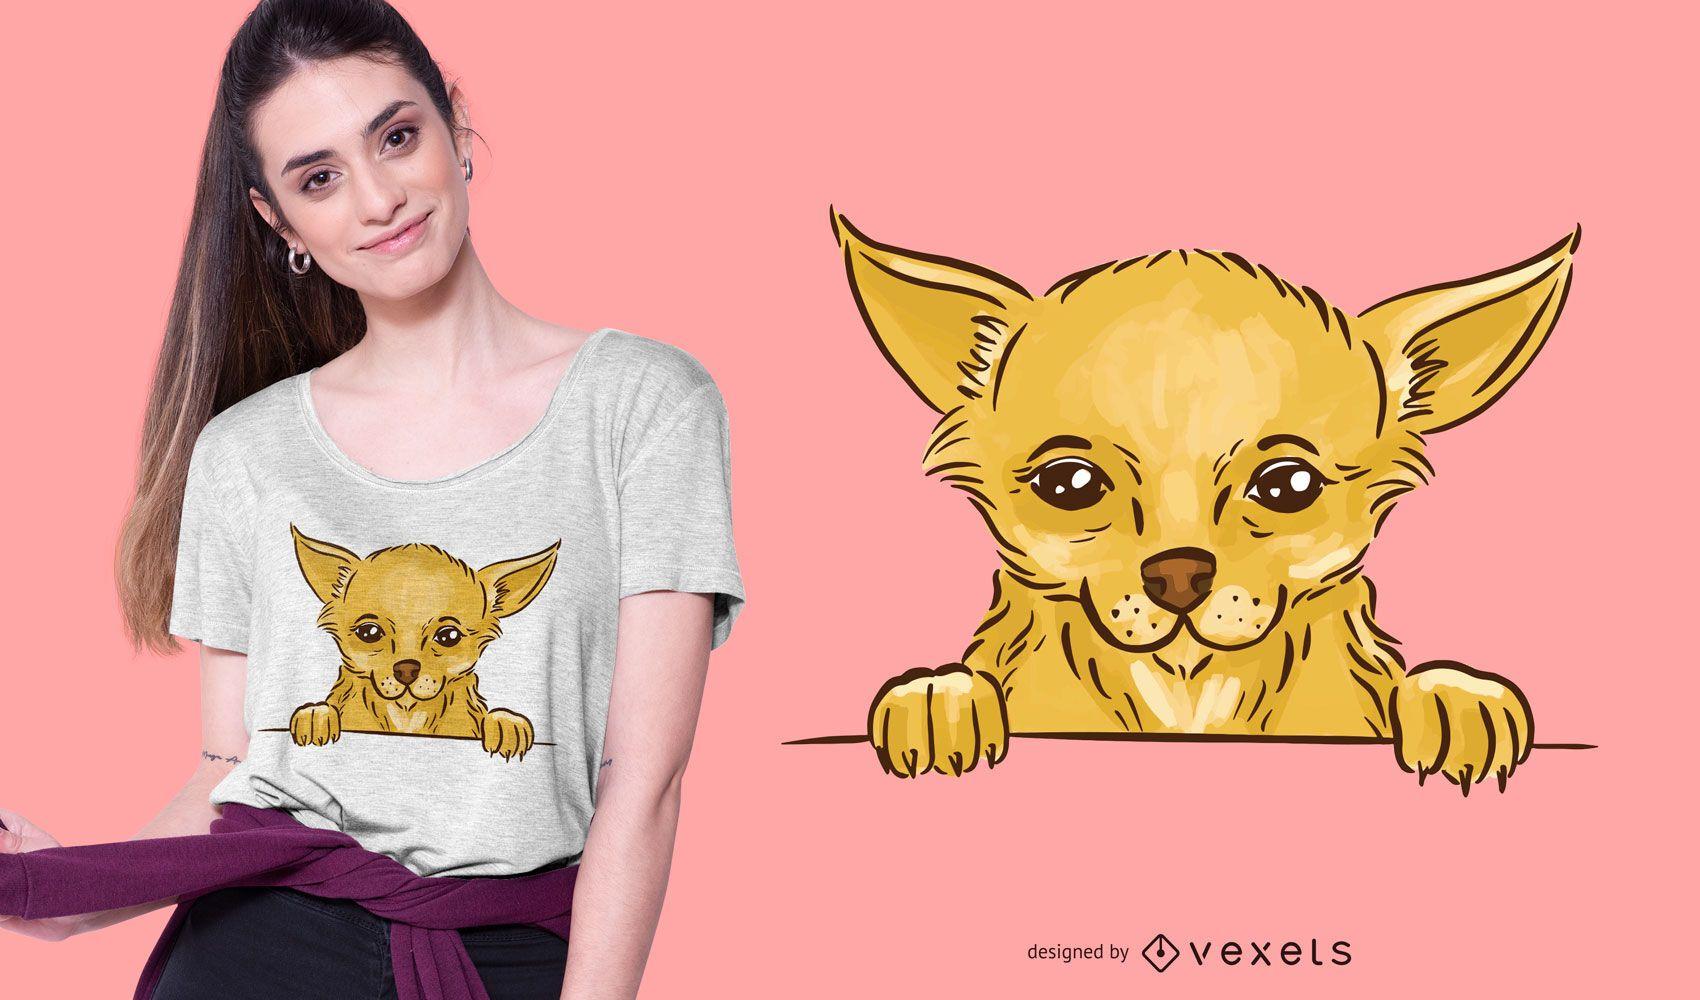 Cute chihuahua t-shirt design